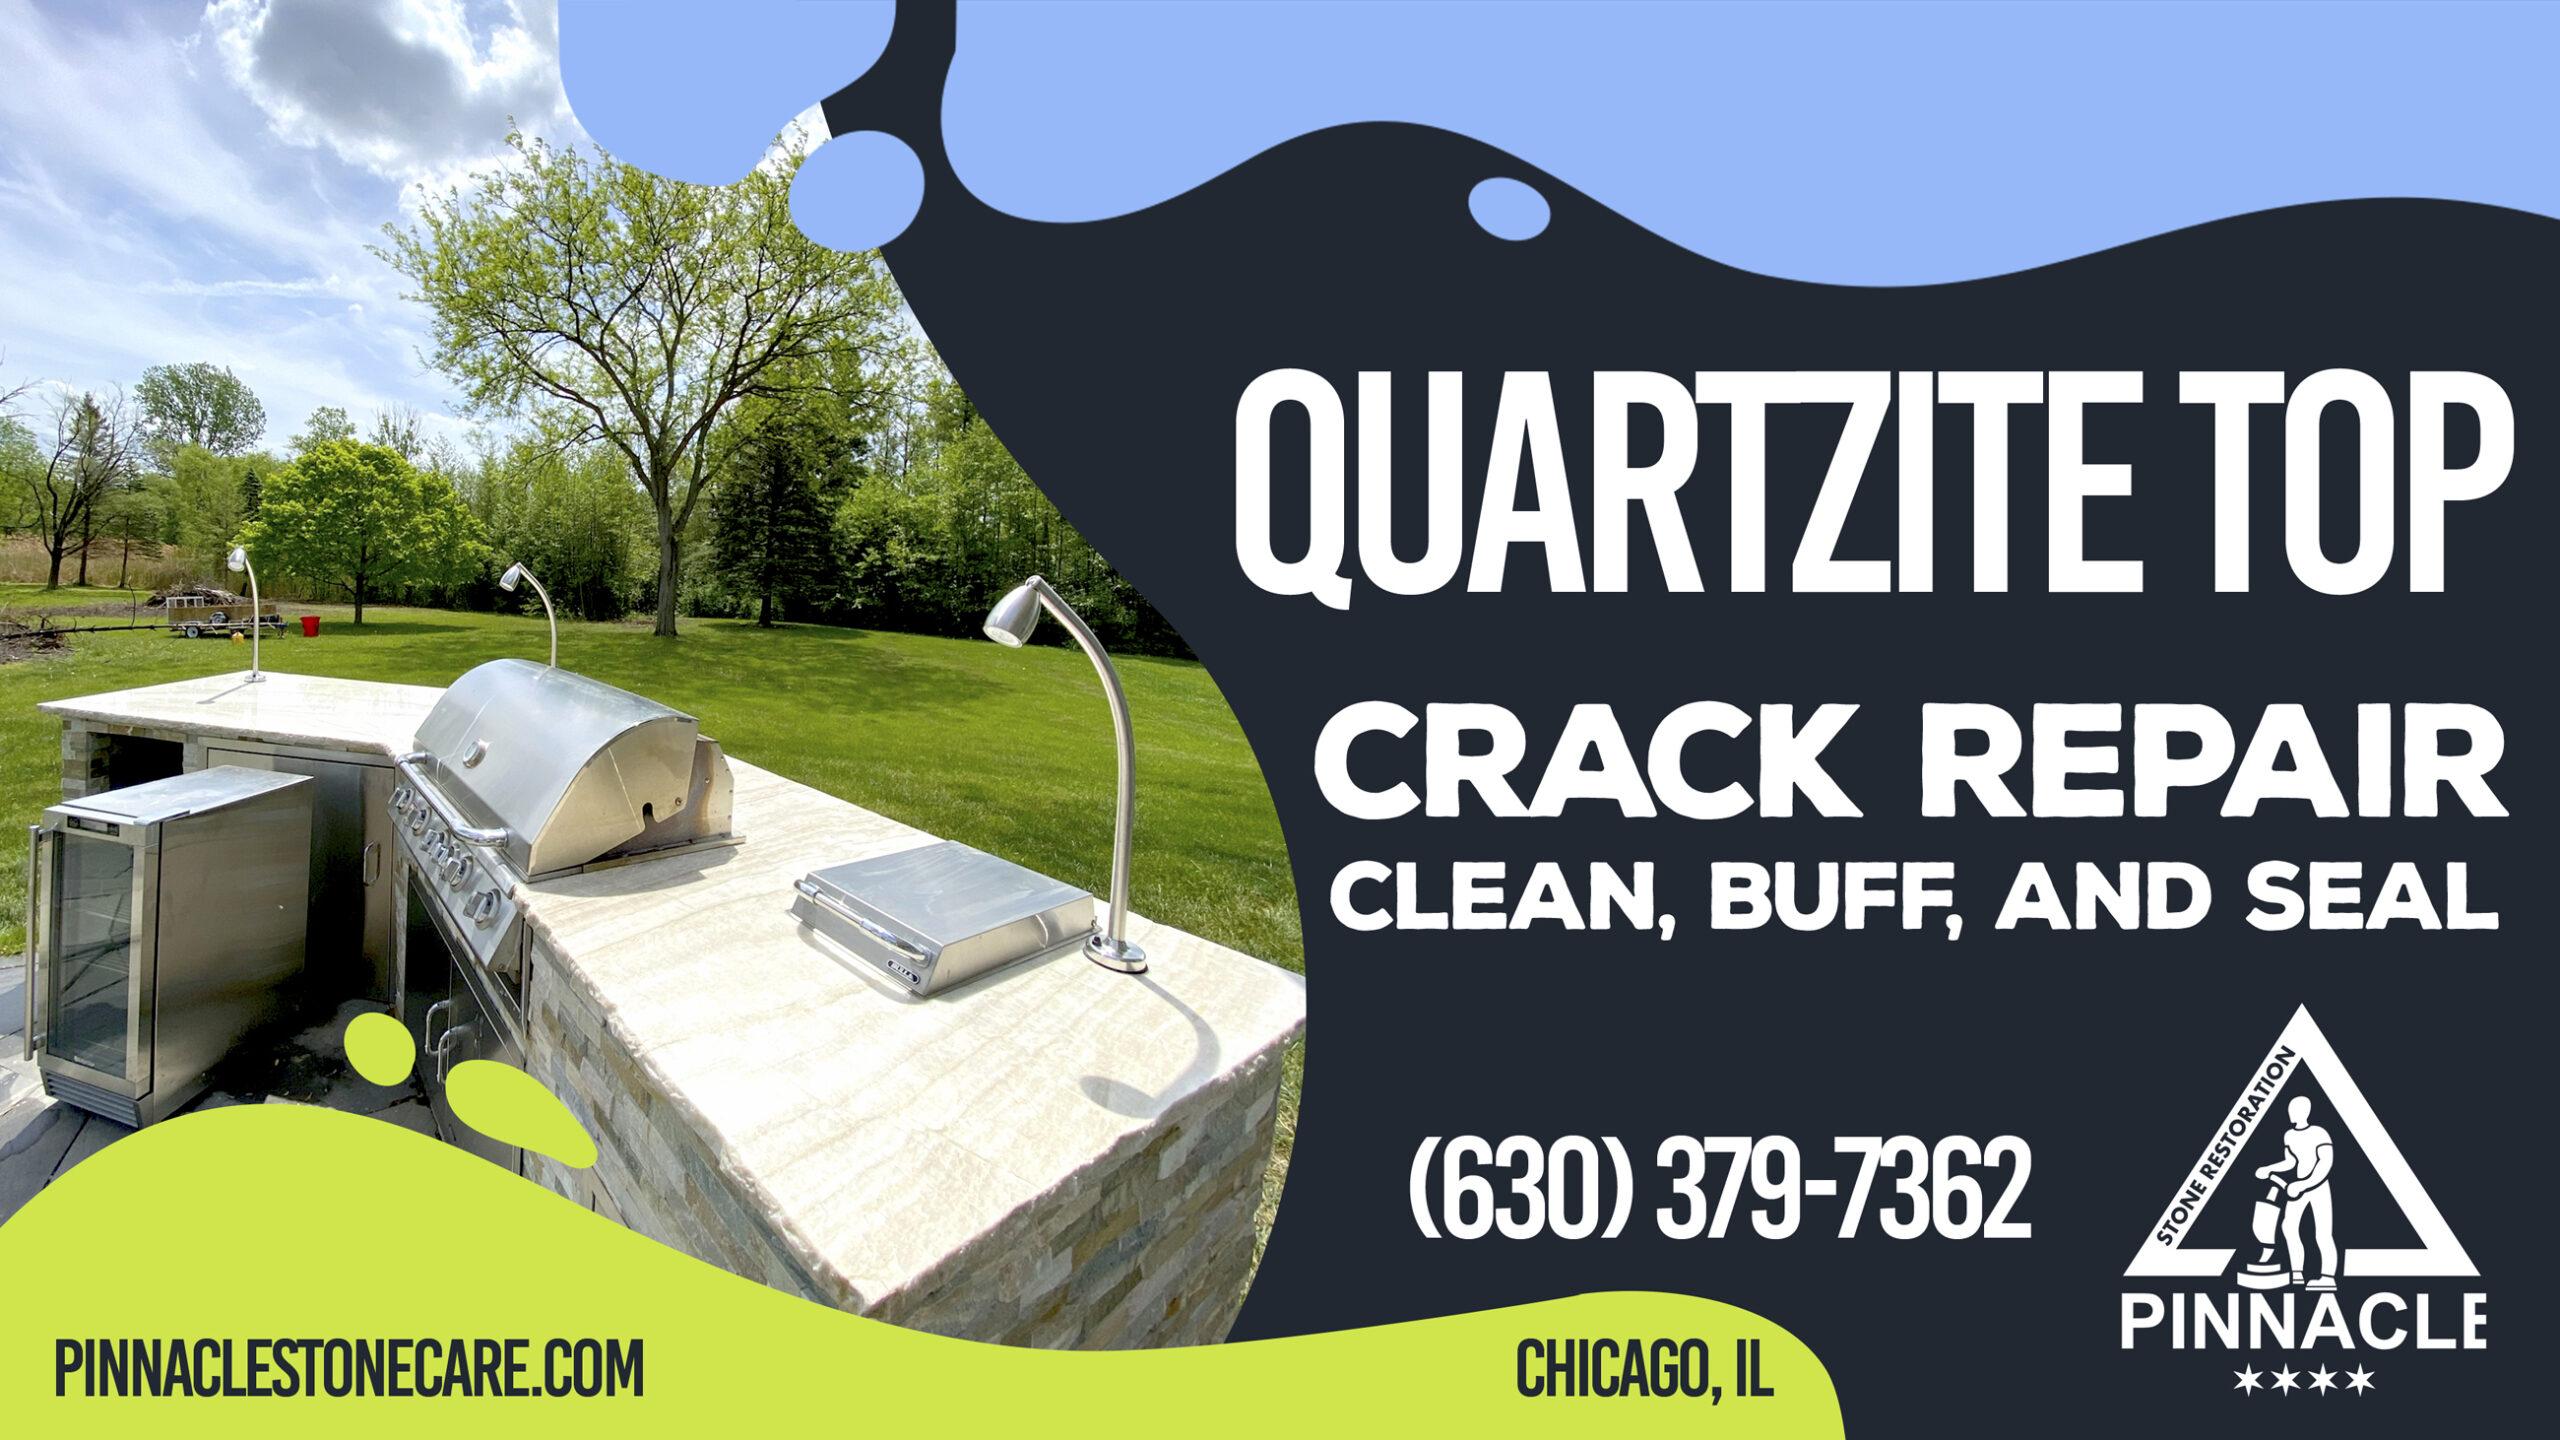 QUARTZITE COUNTERTOP CRACK REPAIR, DEEP CLEAN, BUFF, AND SEAL (OUTDOOR COUNTERTOP REPAIR)